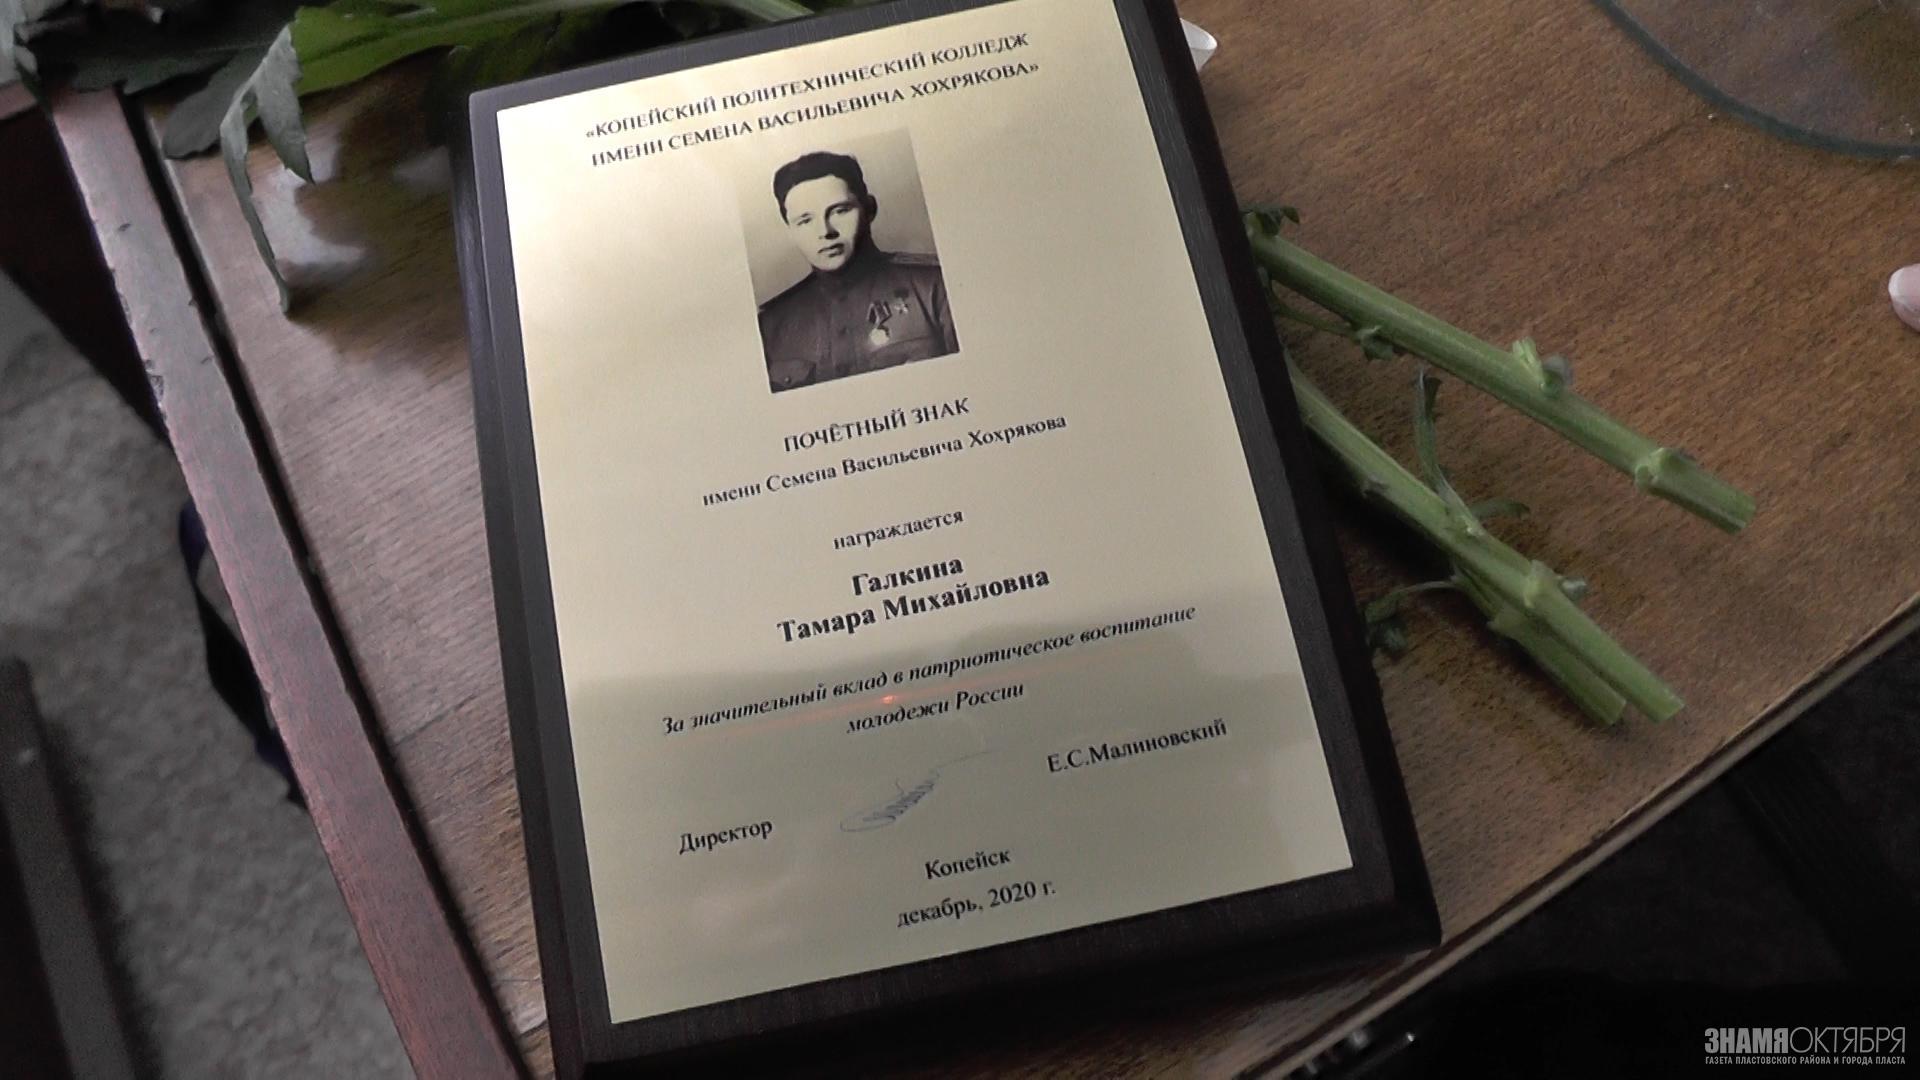 Почетный знак имени Хохрякова